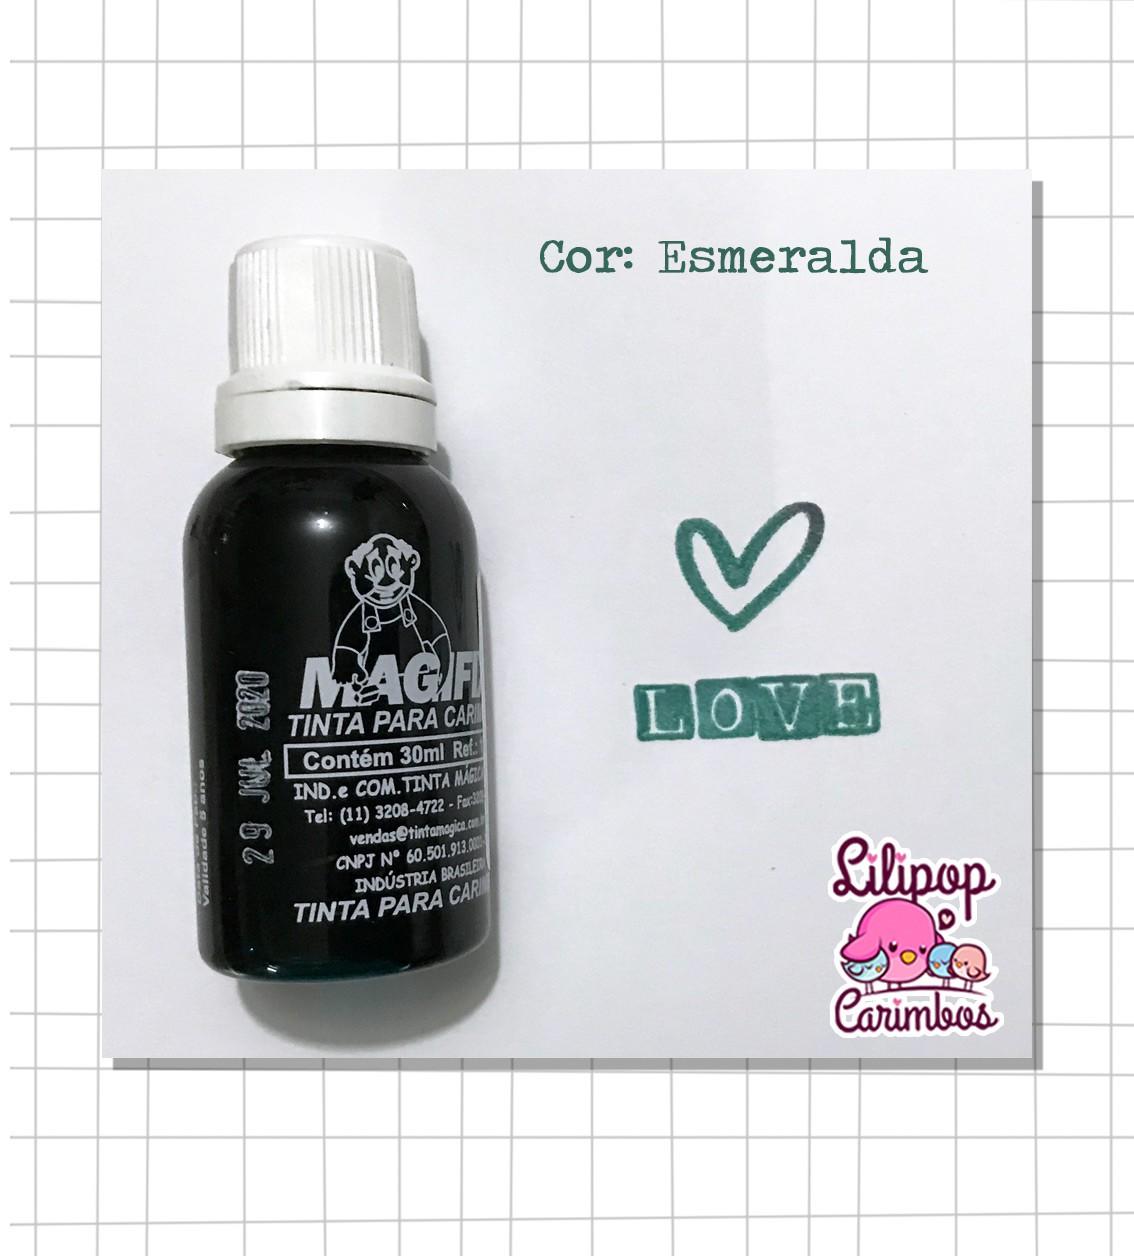 Tinta para carimbo a base de água - Esmeralda  - Lilipop carimbos